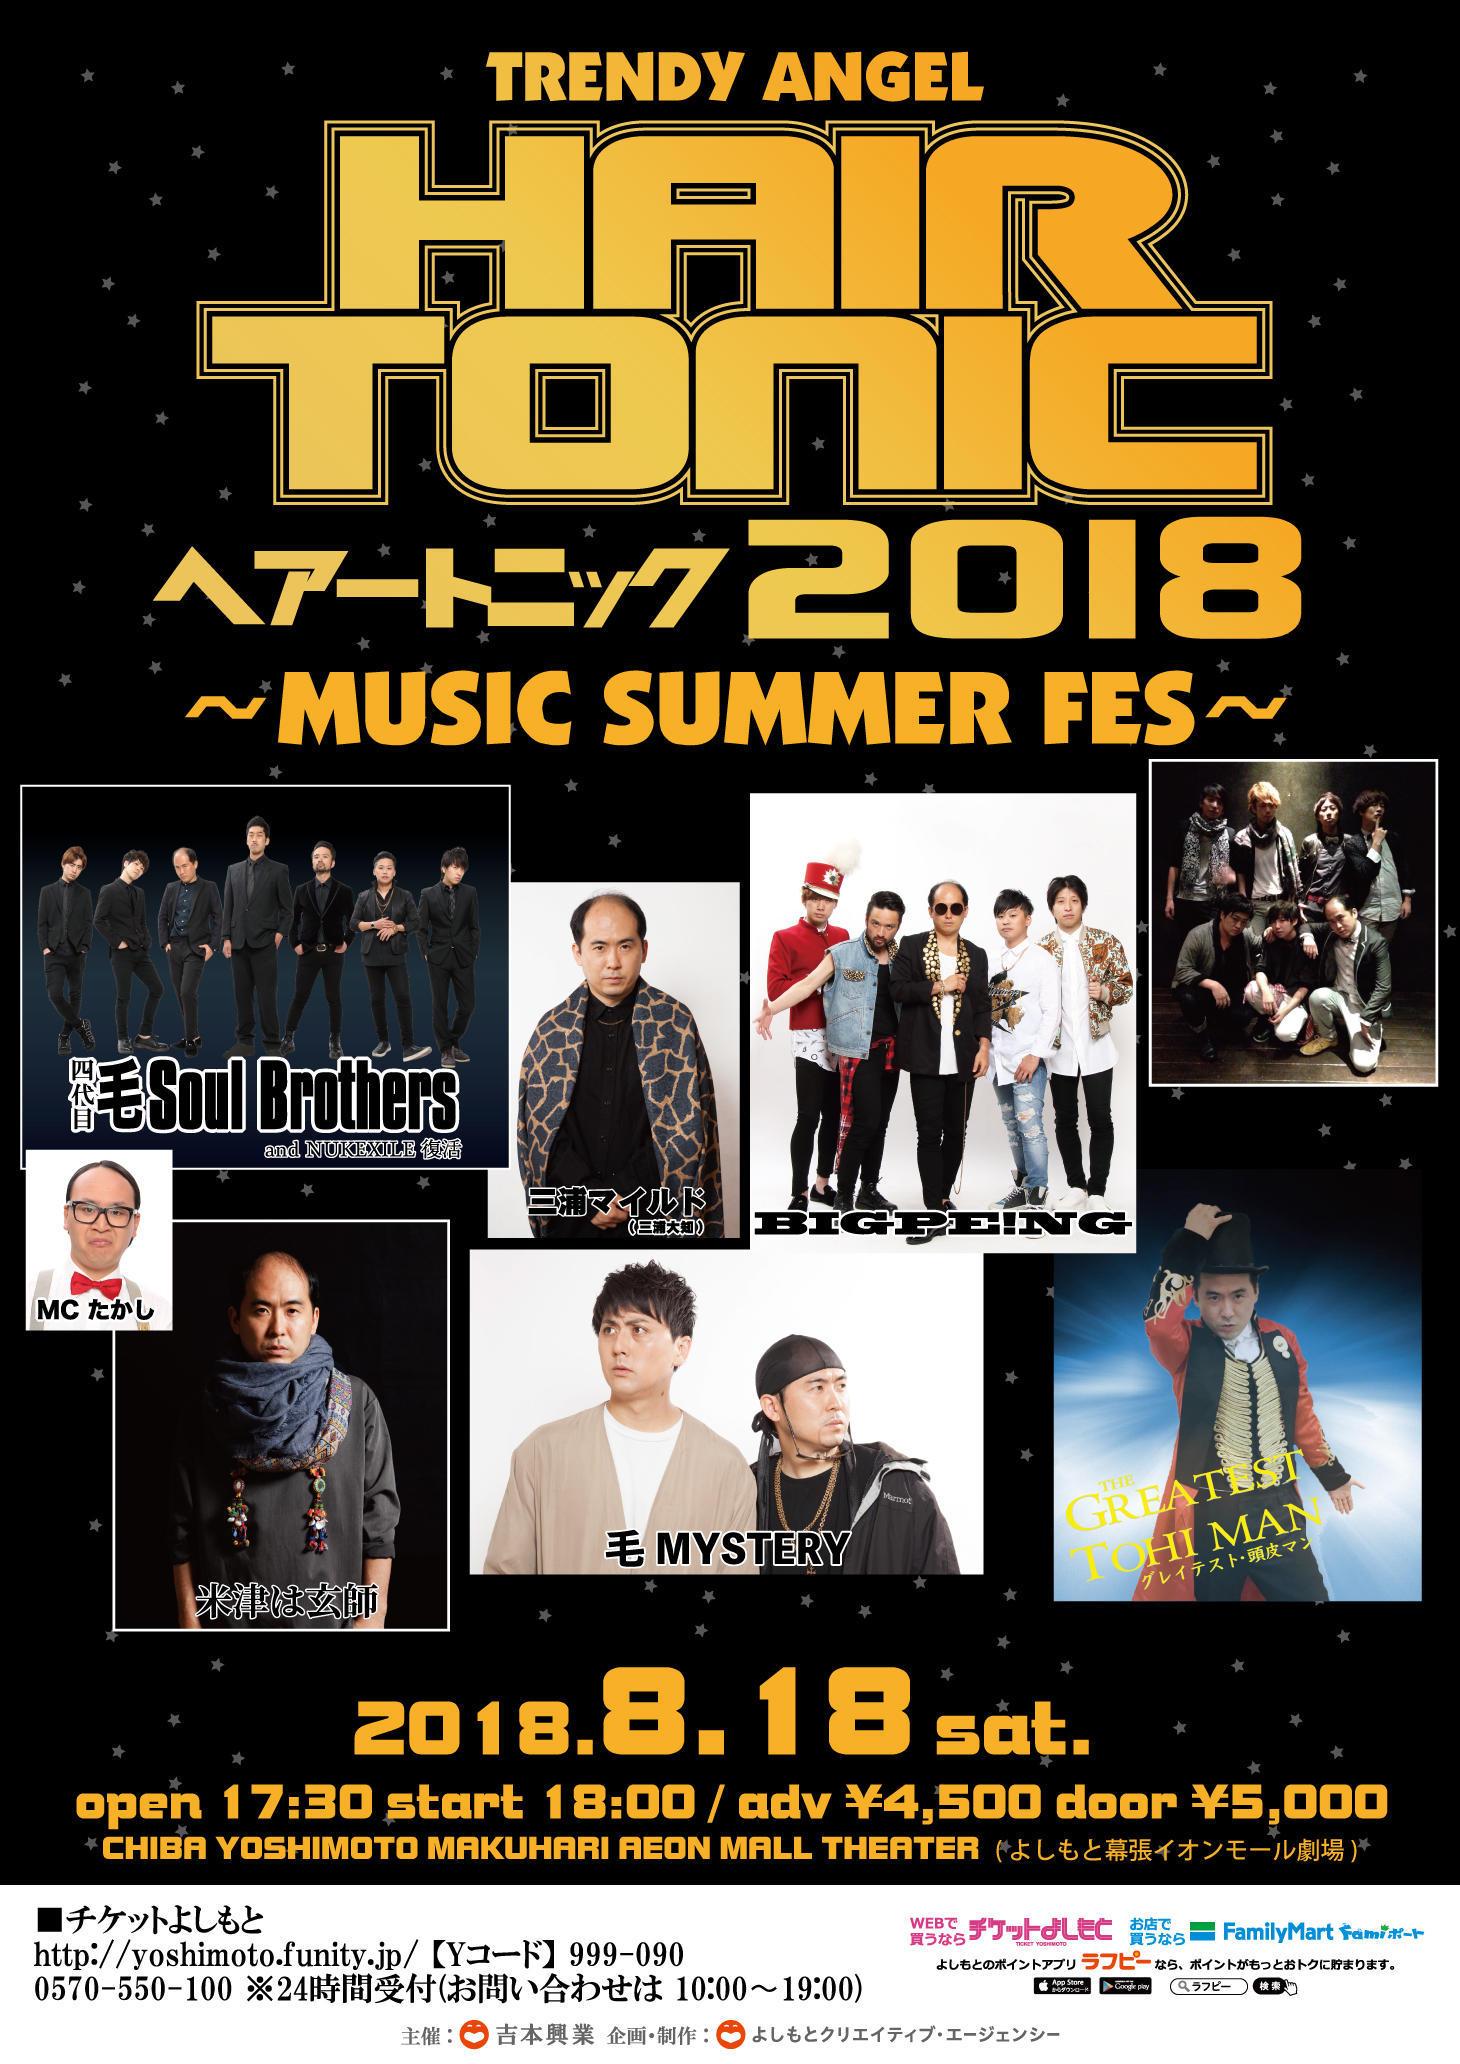 http://news.yoshimoto.co.jp/20180808144650-a16c63fdbffaa3d43f0c59ab727a51d185fd2546.jpg